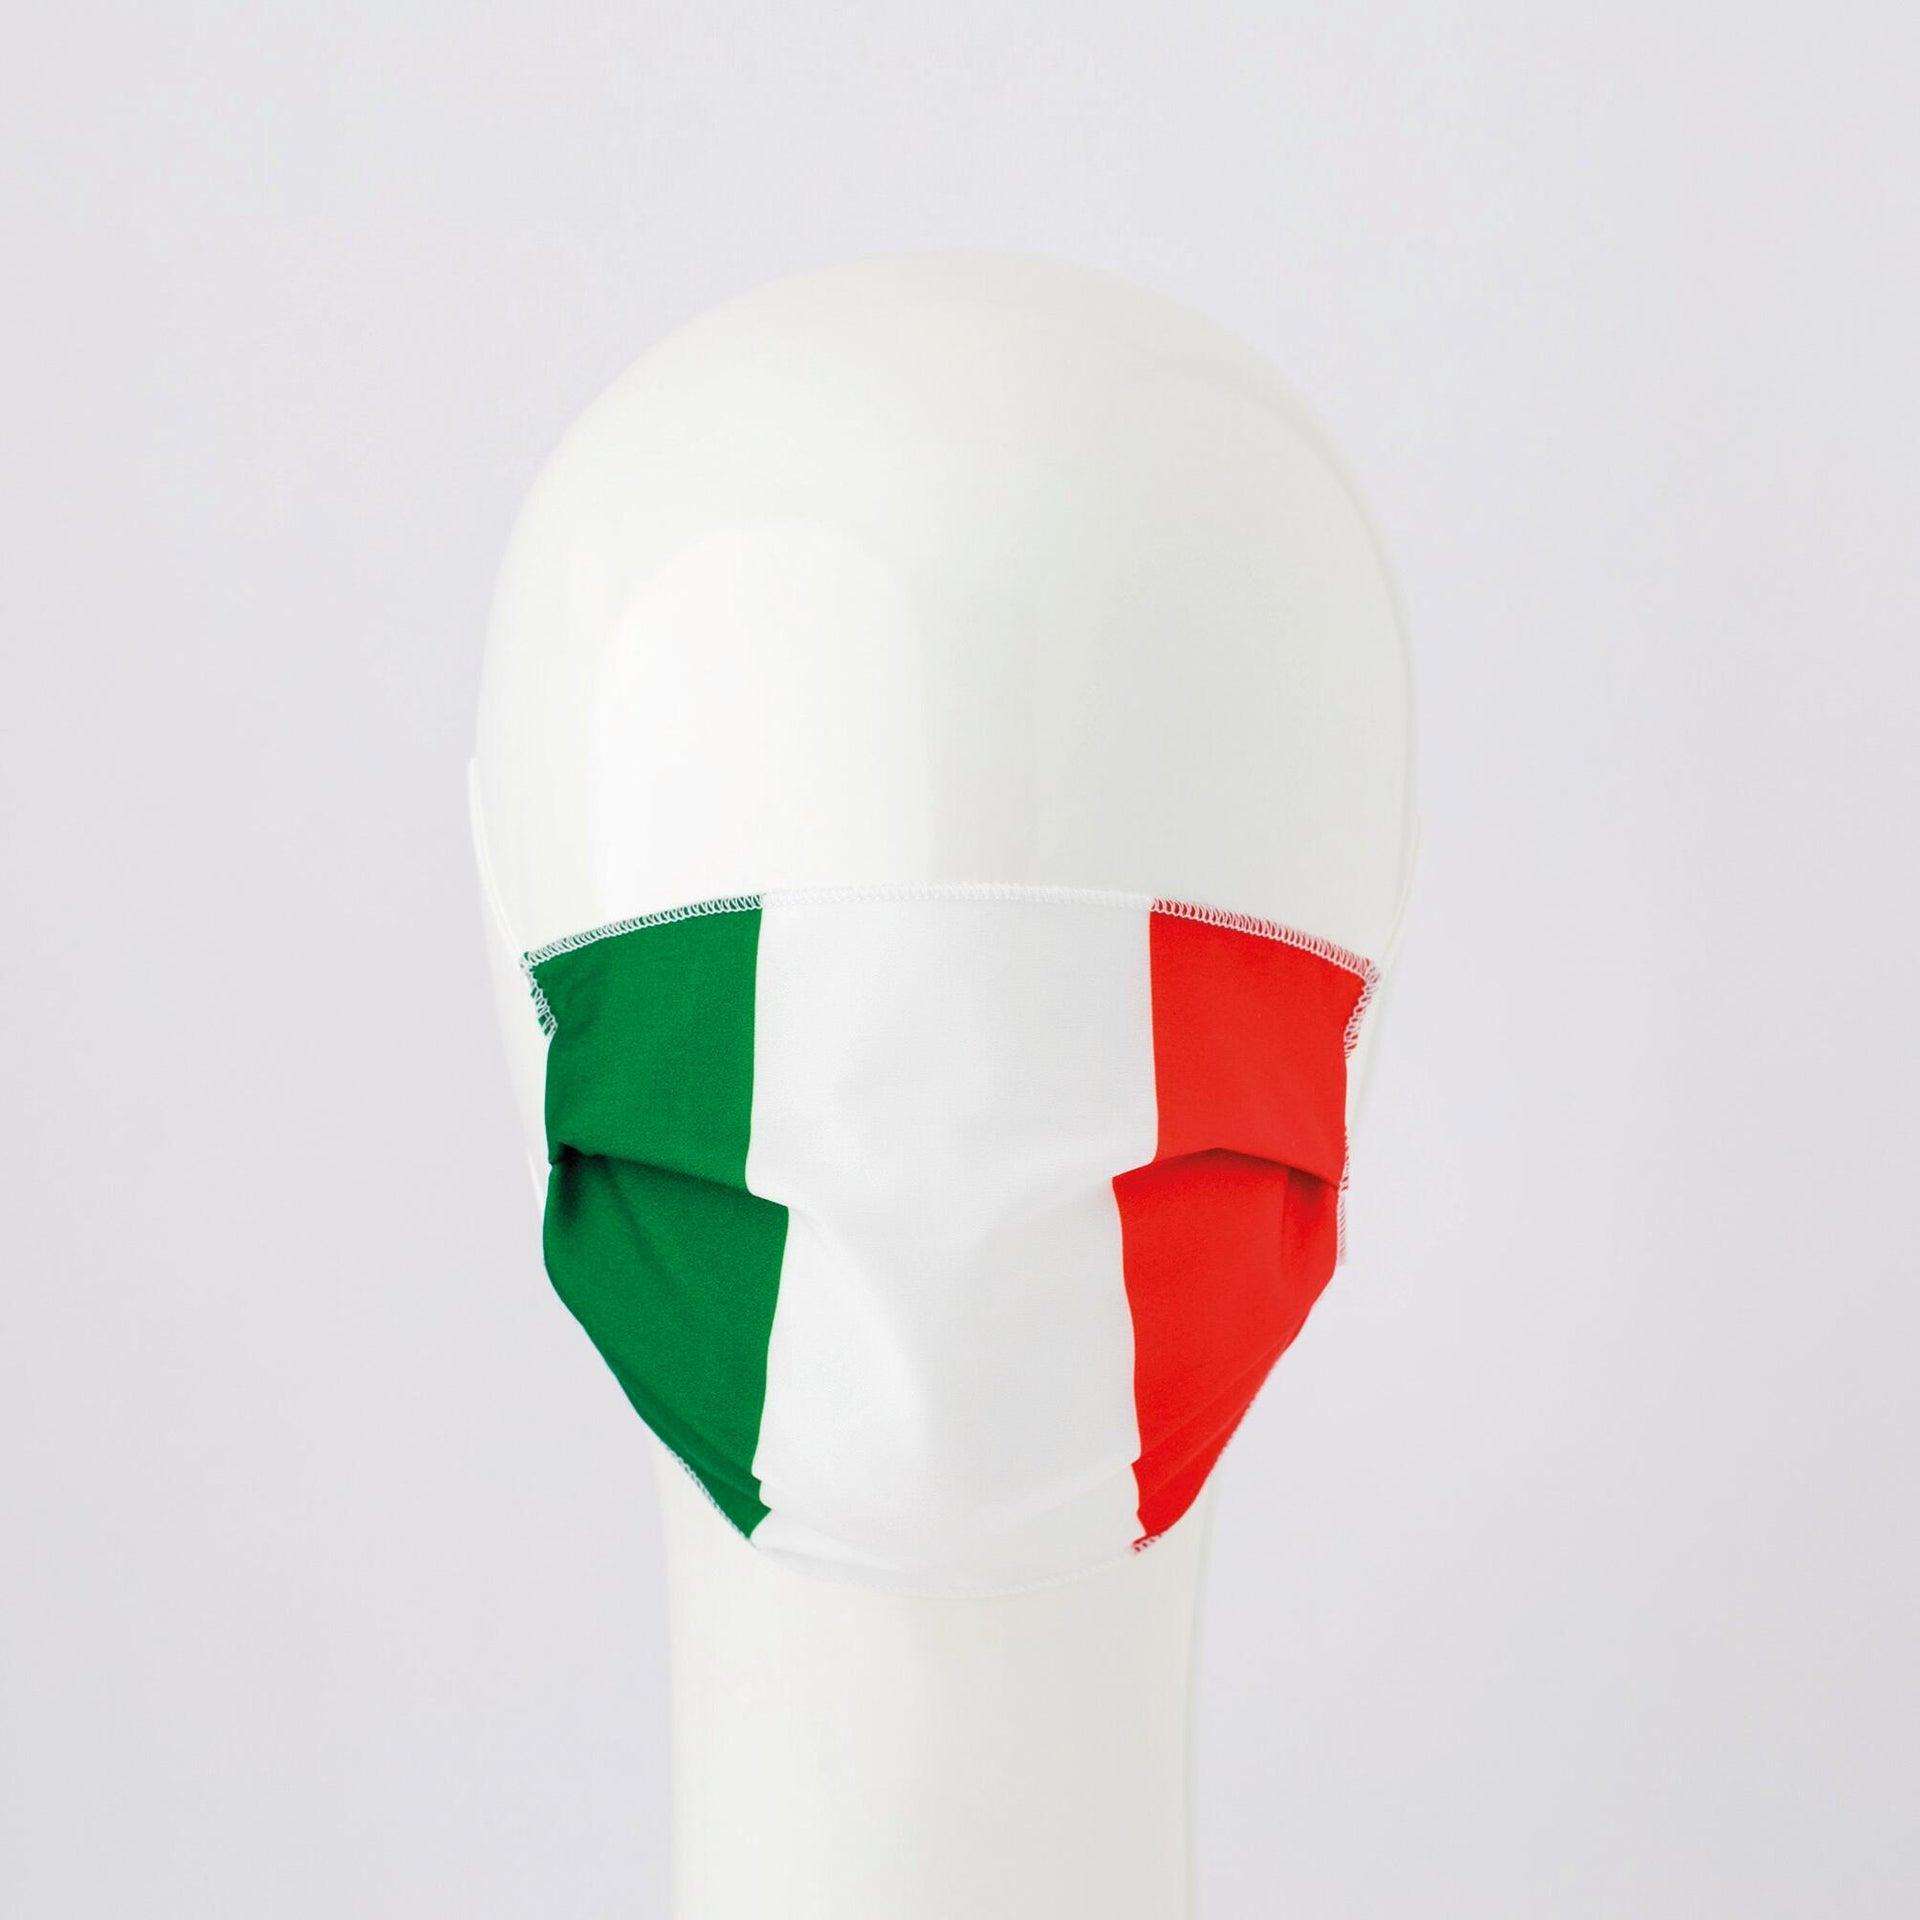 Maschera in tessuto lavabile per utilizzo non sanitario Tricolore - 1